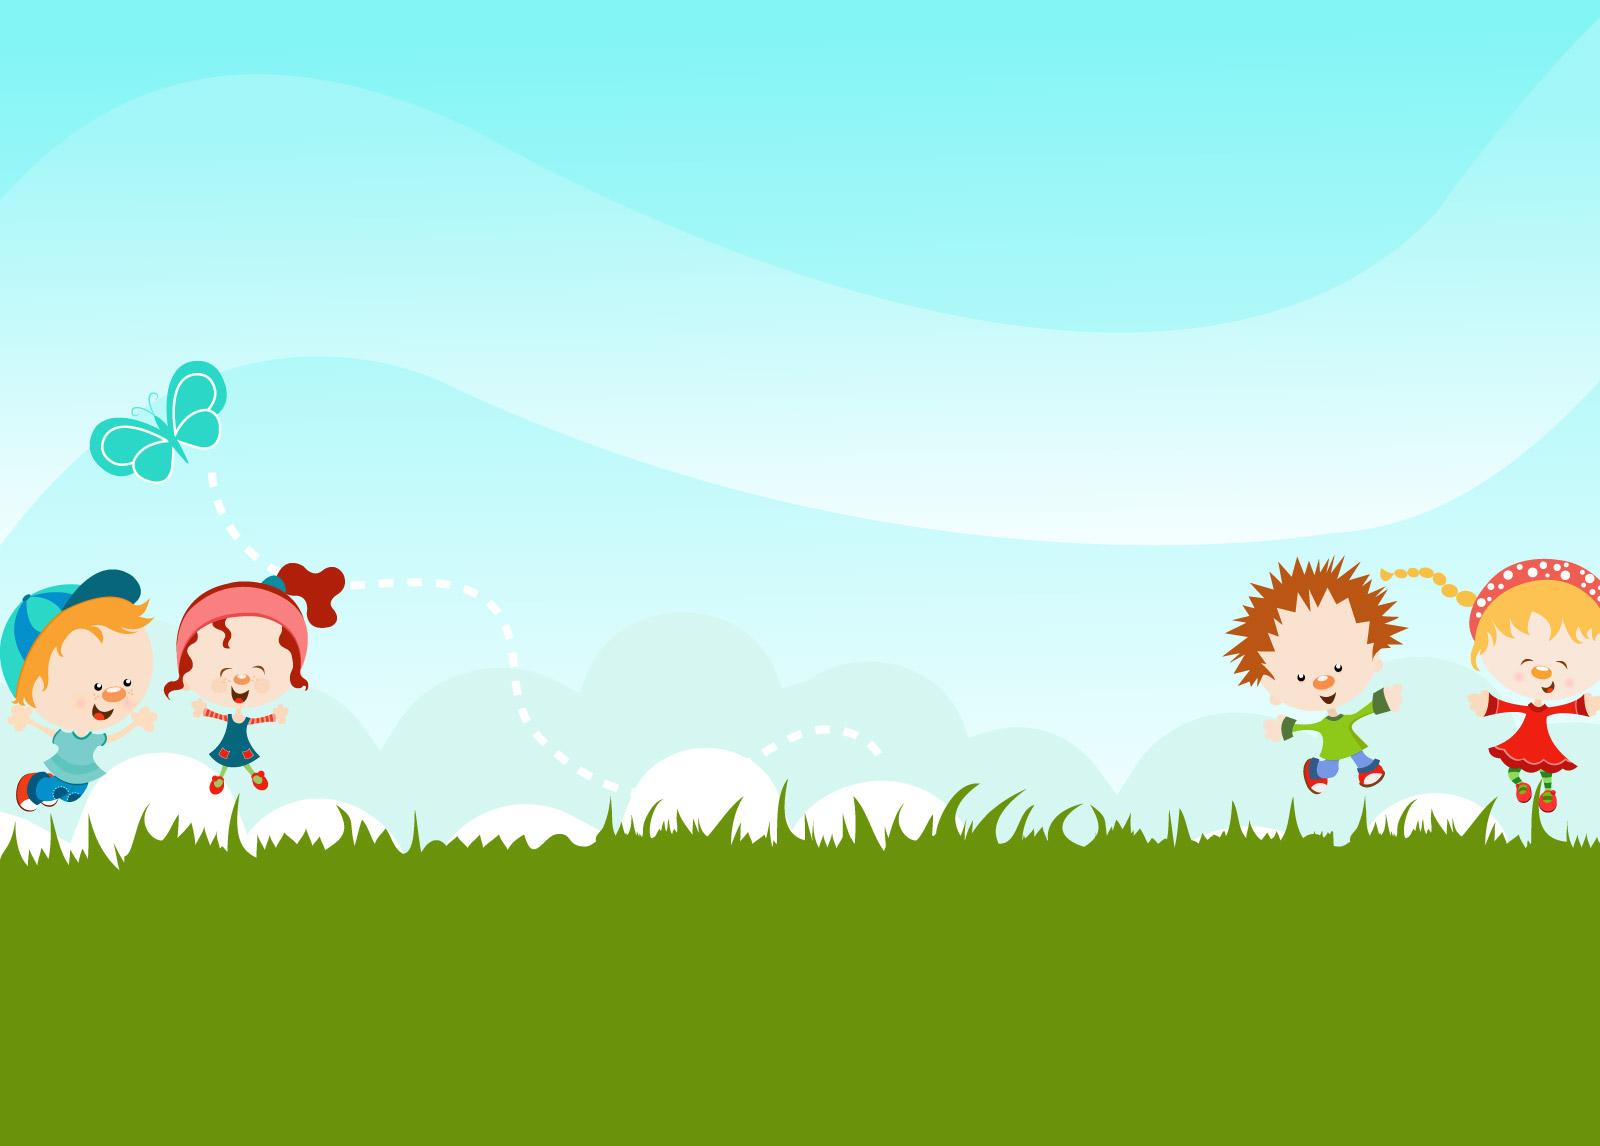 Картинки для презентации фон детские, рукопашный бой белом